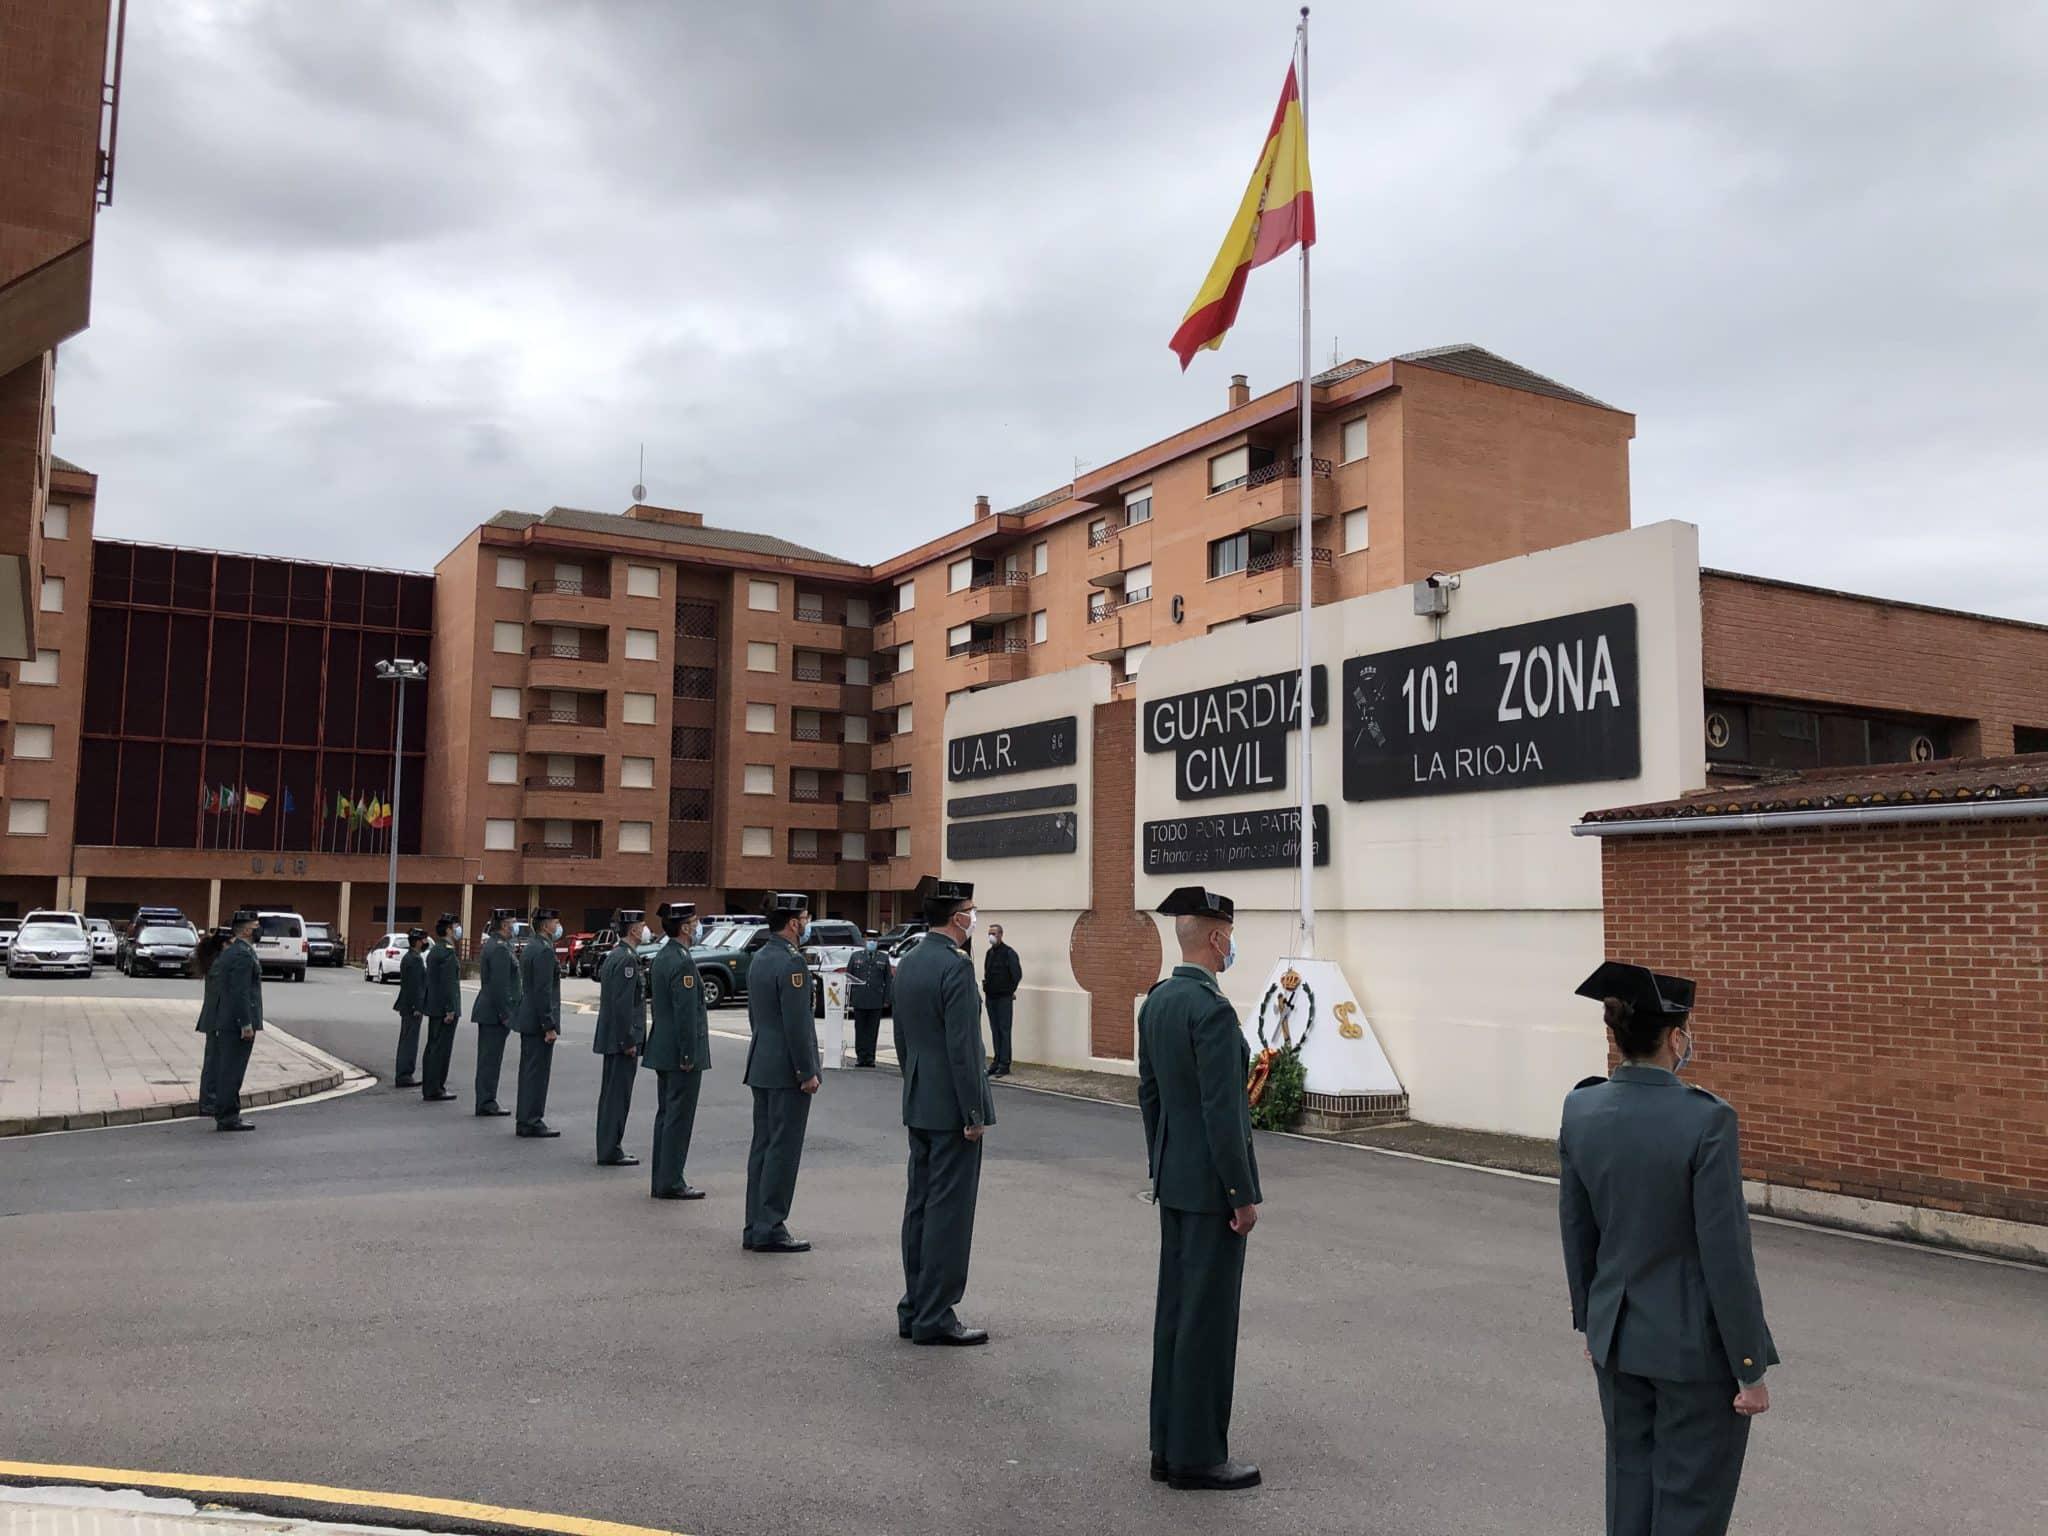 La Guardia Civil celebra en La Rioja de manera simbólica el 176º aniversario de su fundación 4